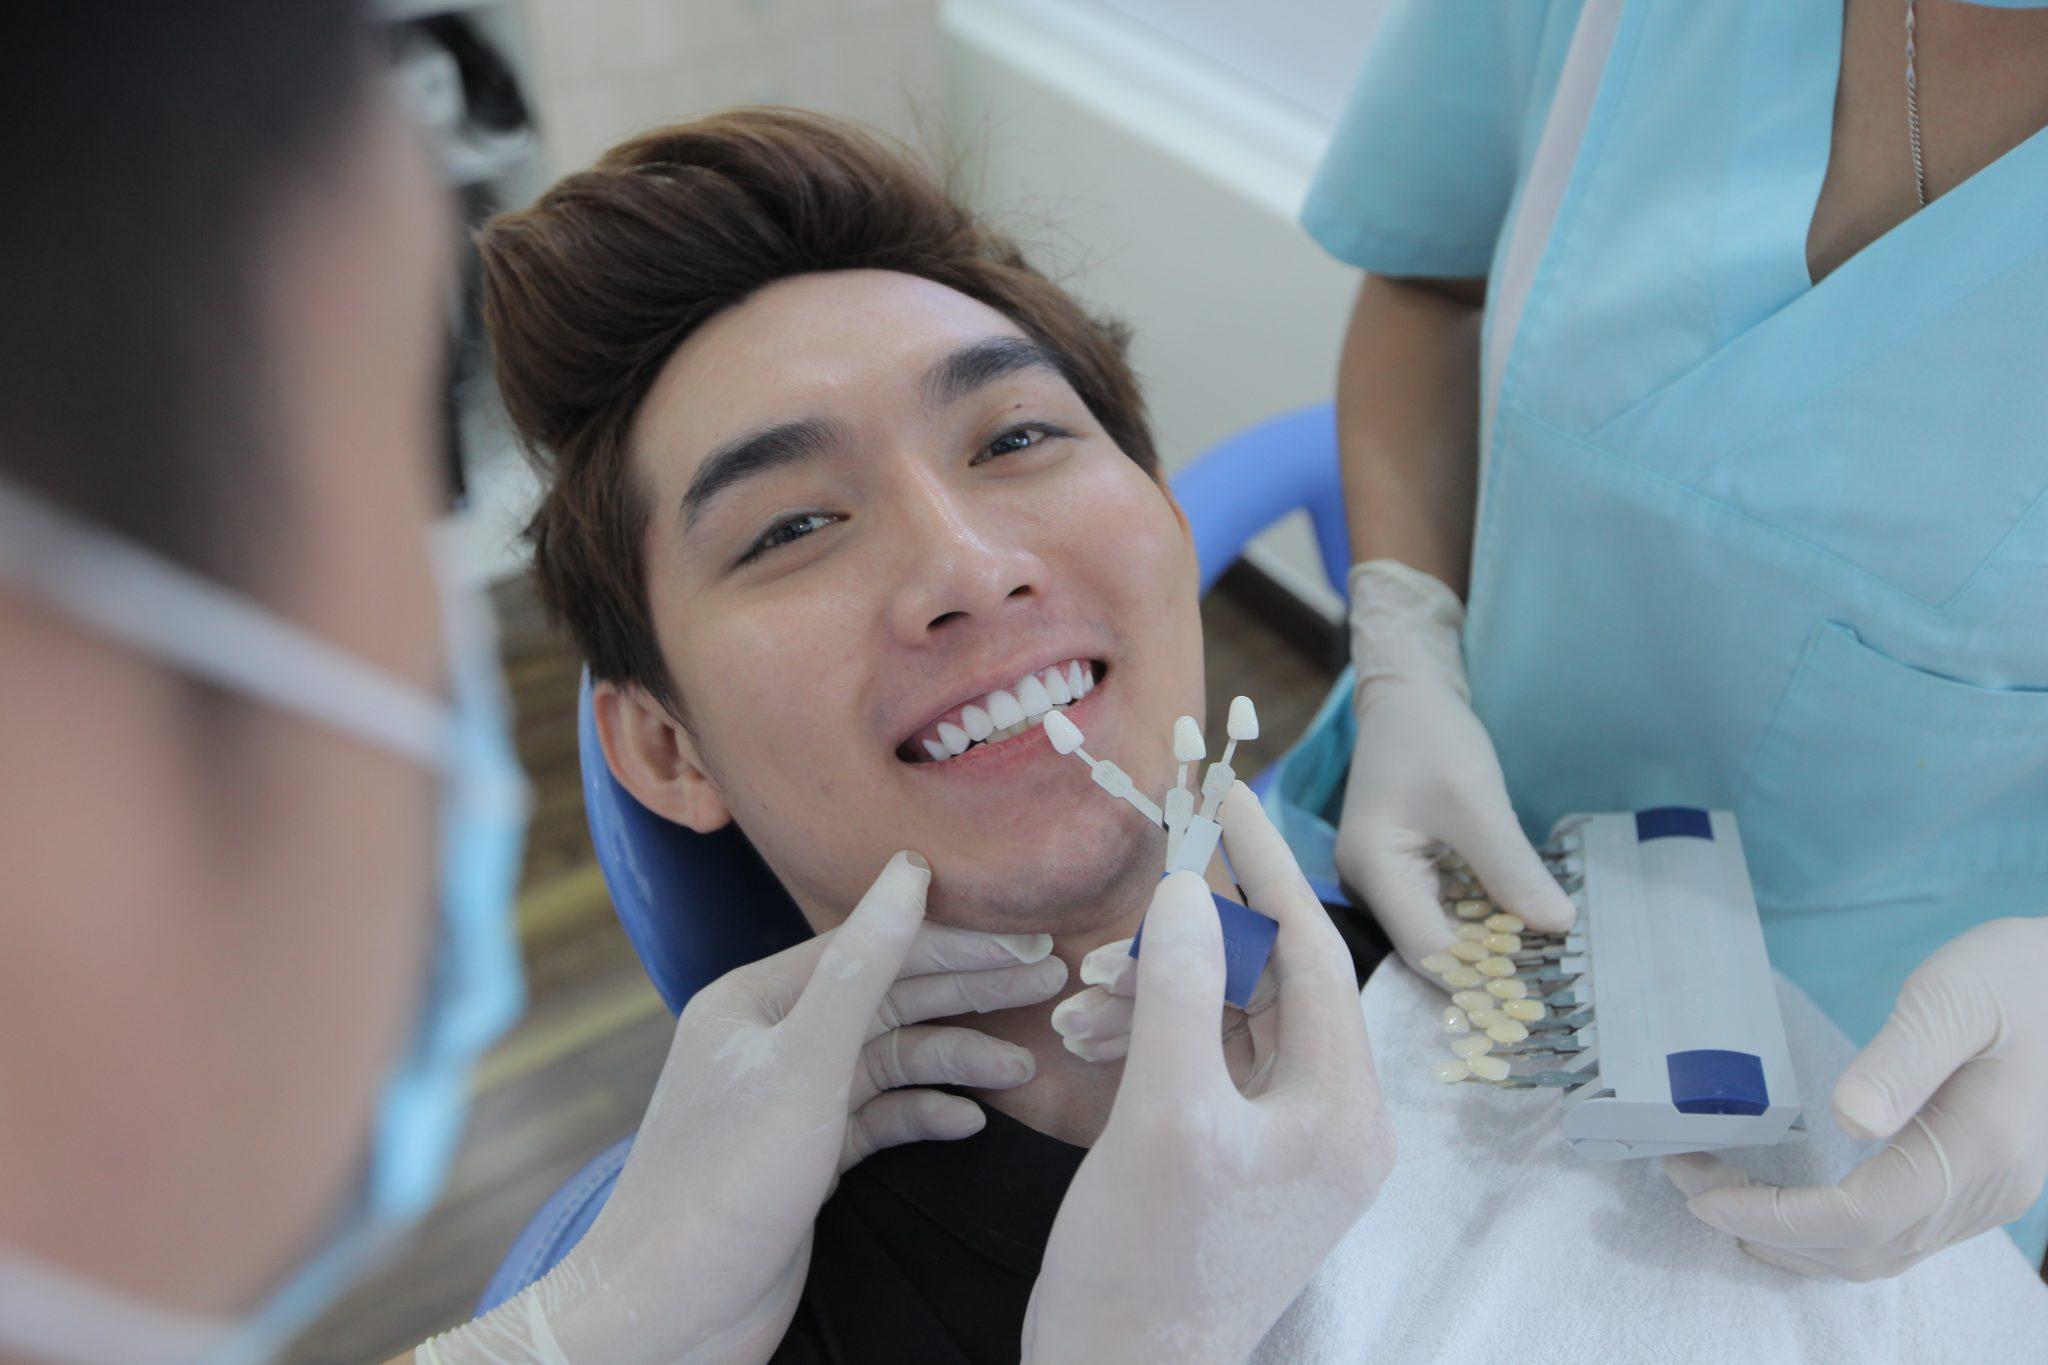 Nha khoa Kim ứng dụng đầy đủ các nhu cầu dịch vụ nha khoa điều trị, phục hình và thẩm mỹ răng hàm mặt